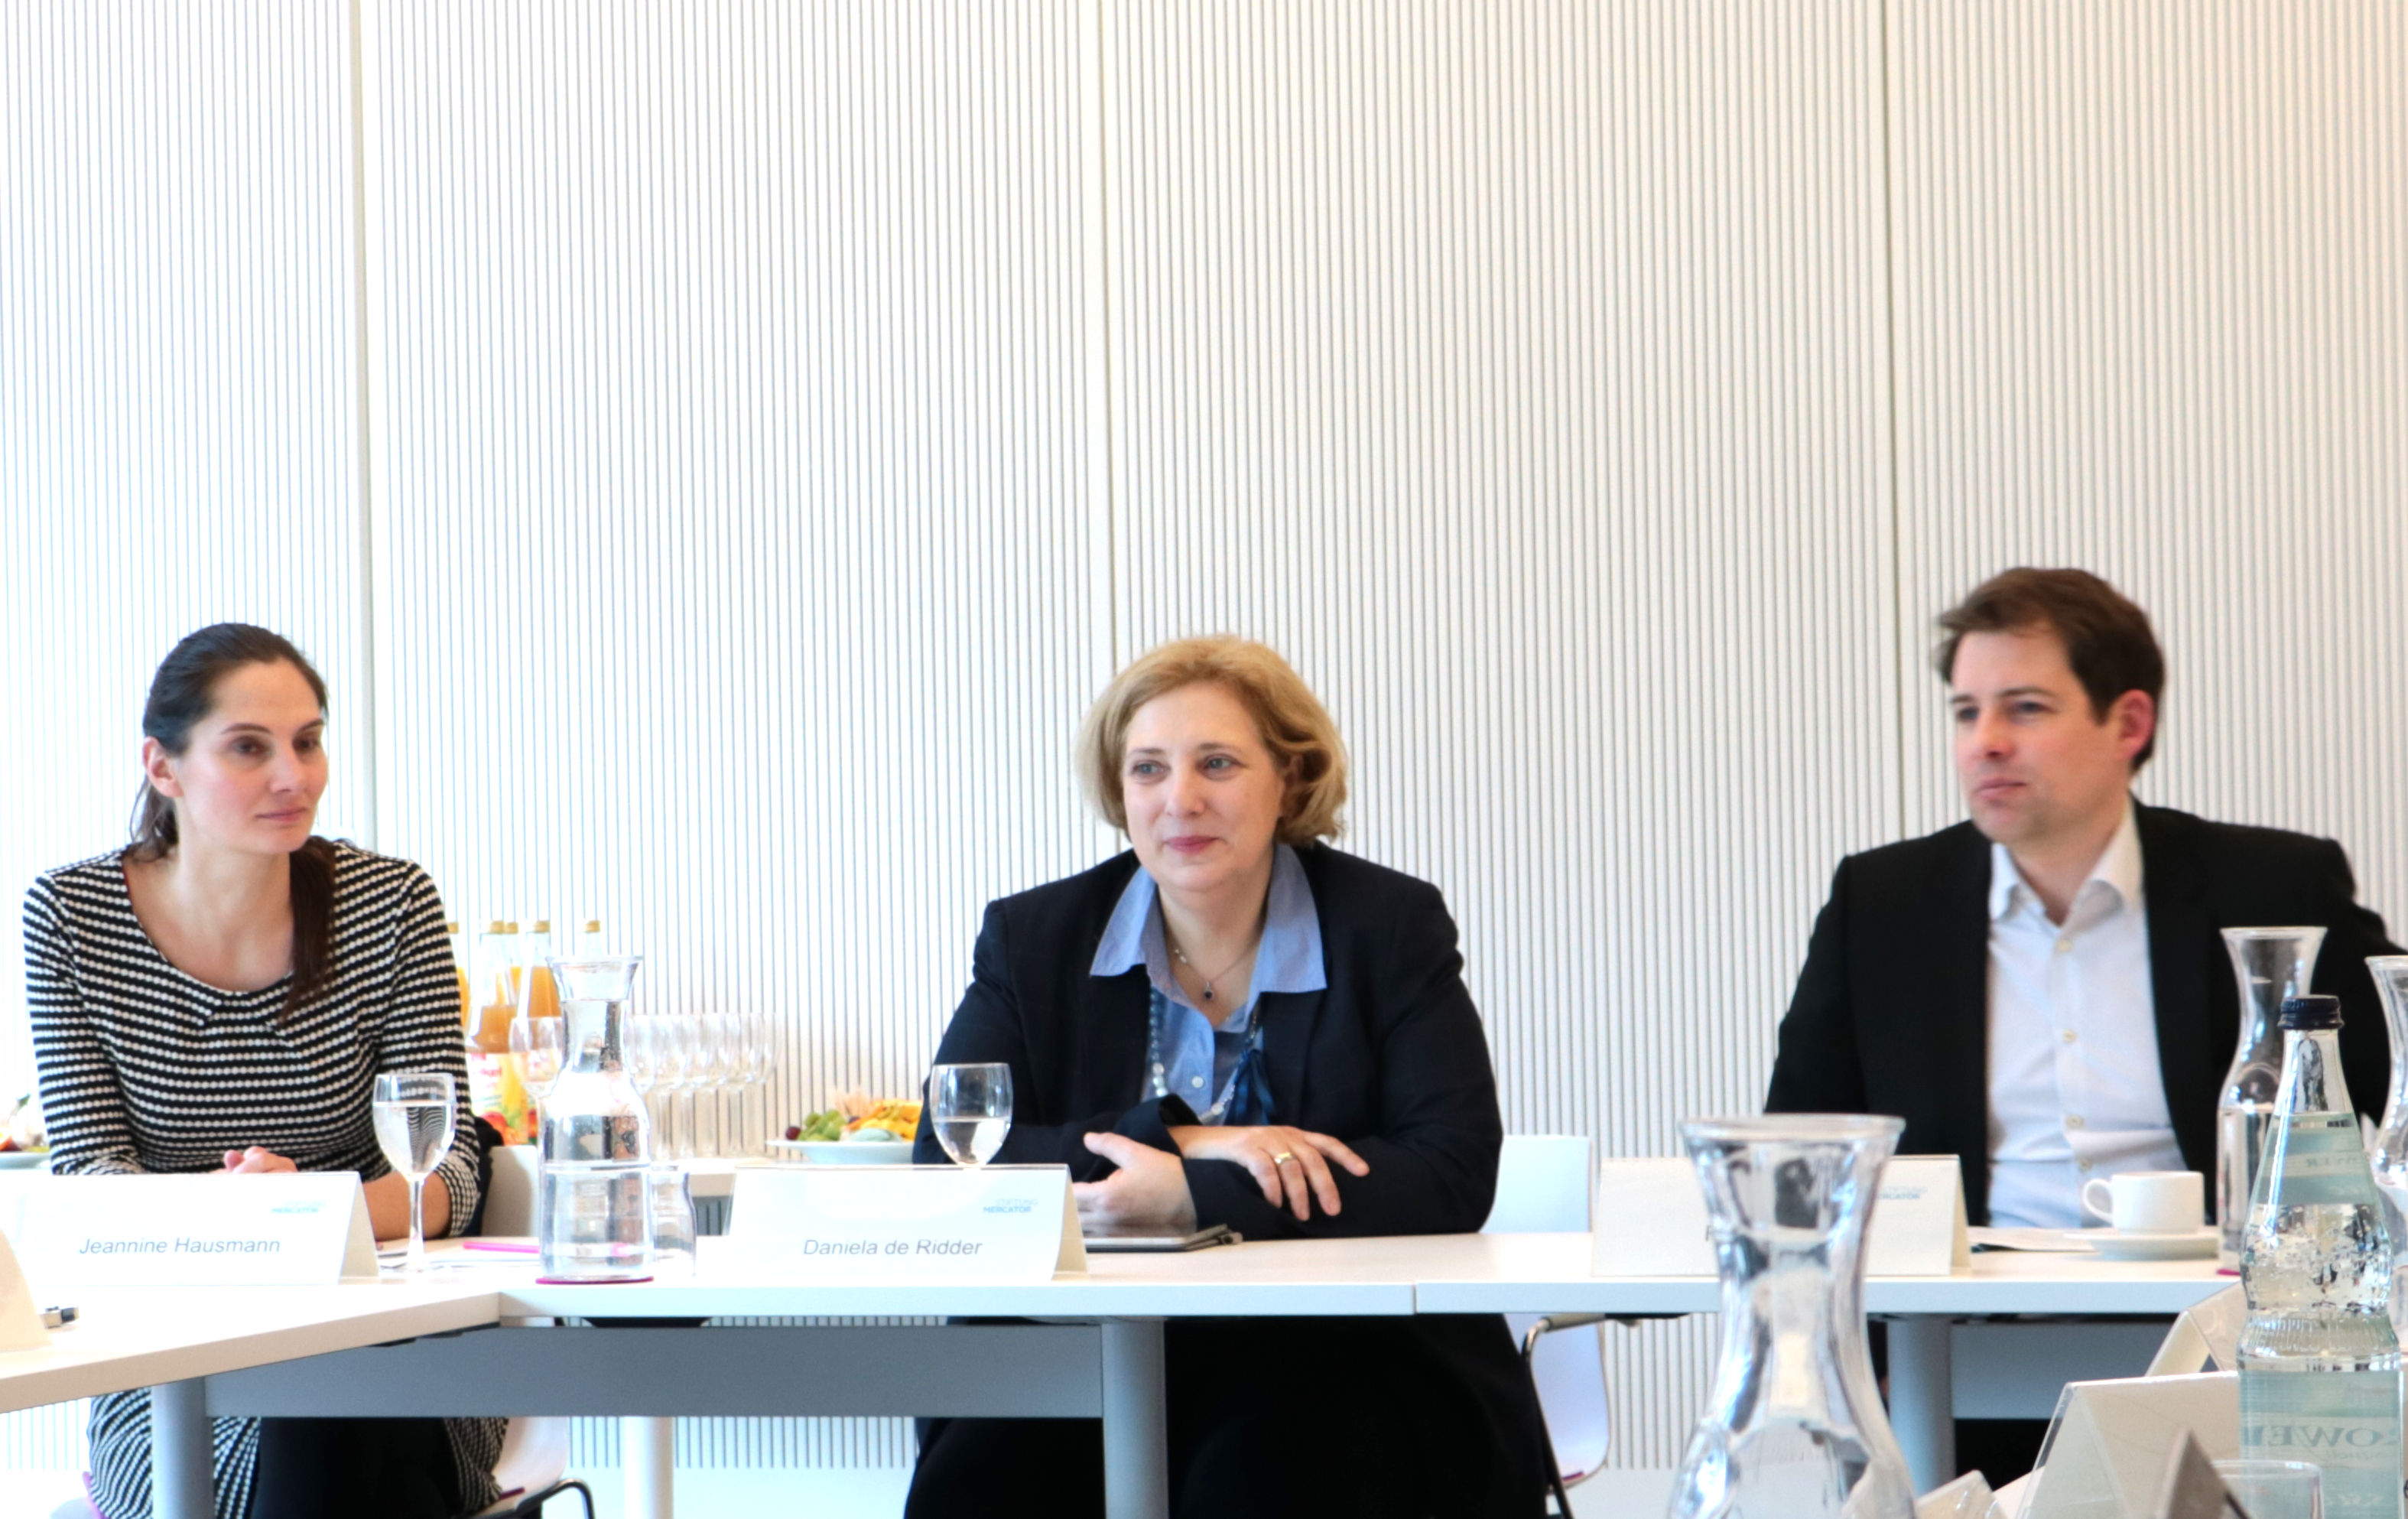 Jeannine Hausmann, Dr. Daniela De Ridder und Felix Streiter beim Mercator Roundtable